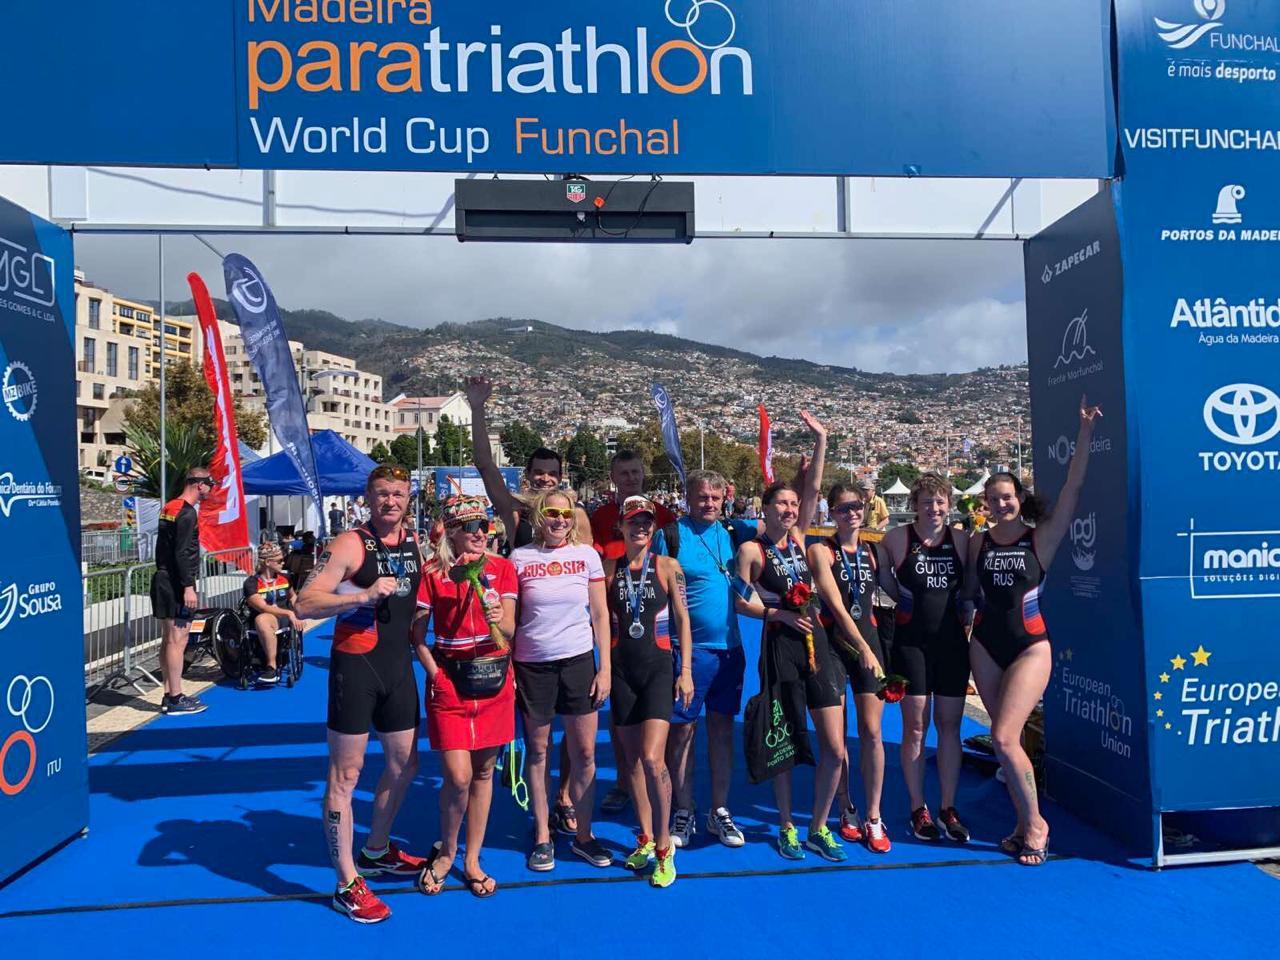 Золотую и 3 серебряные медали завоевала сборная России по паратриатлону на Кубке мира в Португалии